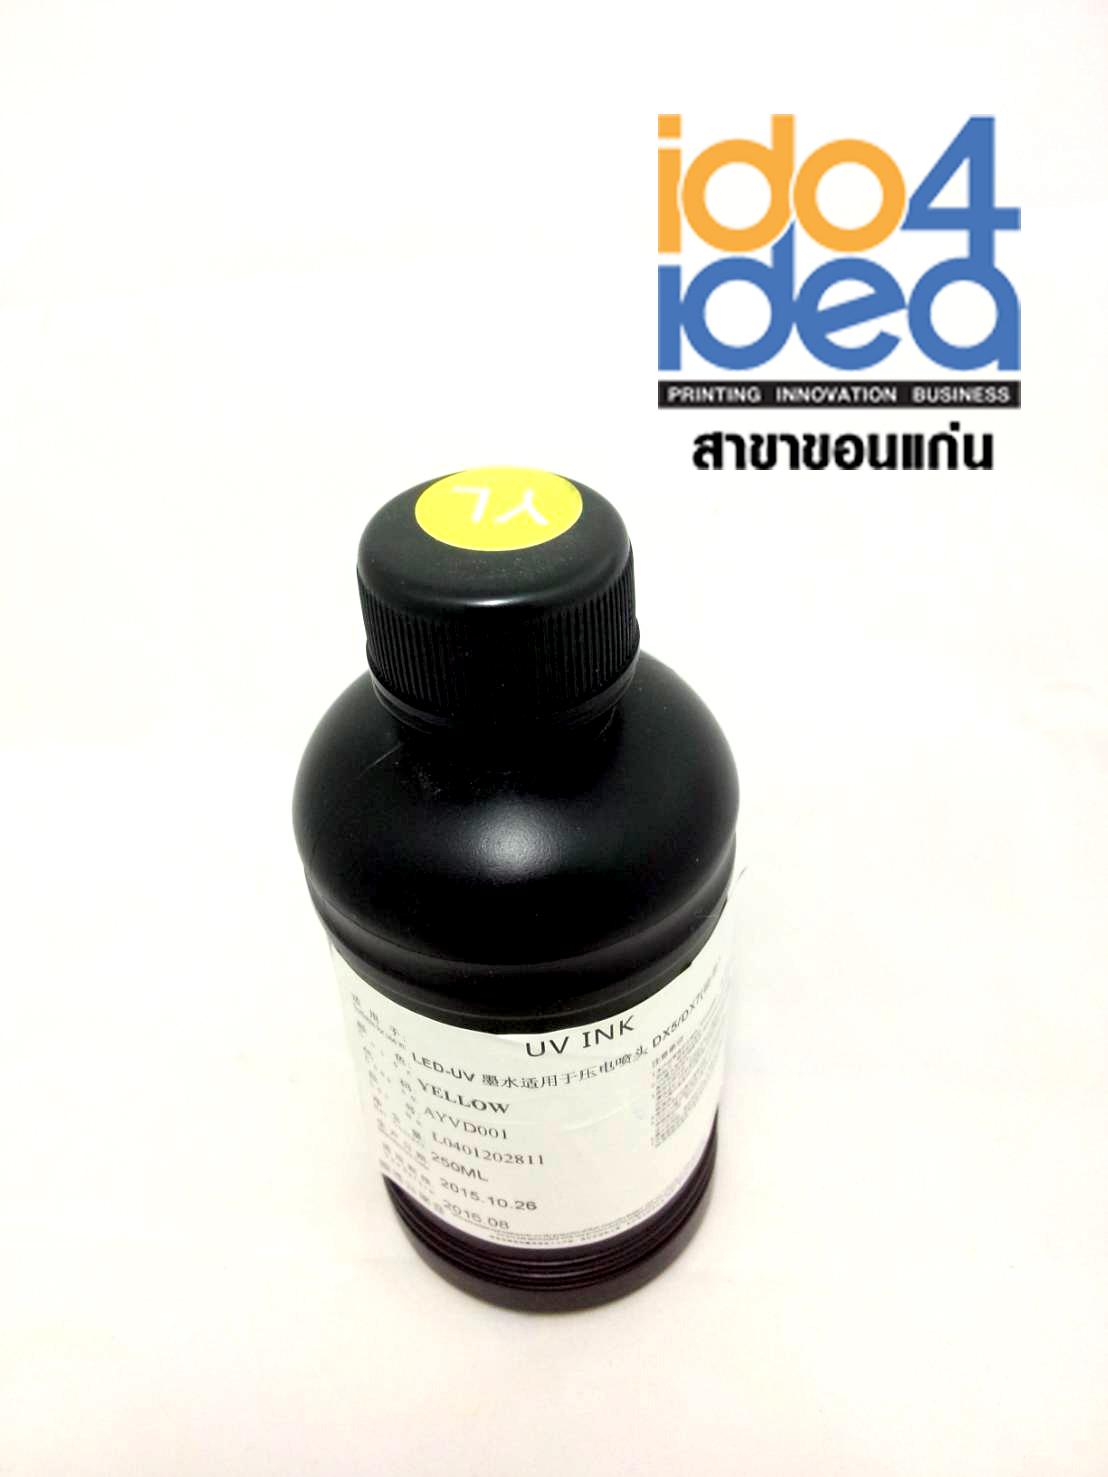 น้ำหมึก UV Printer สีเหลือง ขนาด 250 ml.